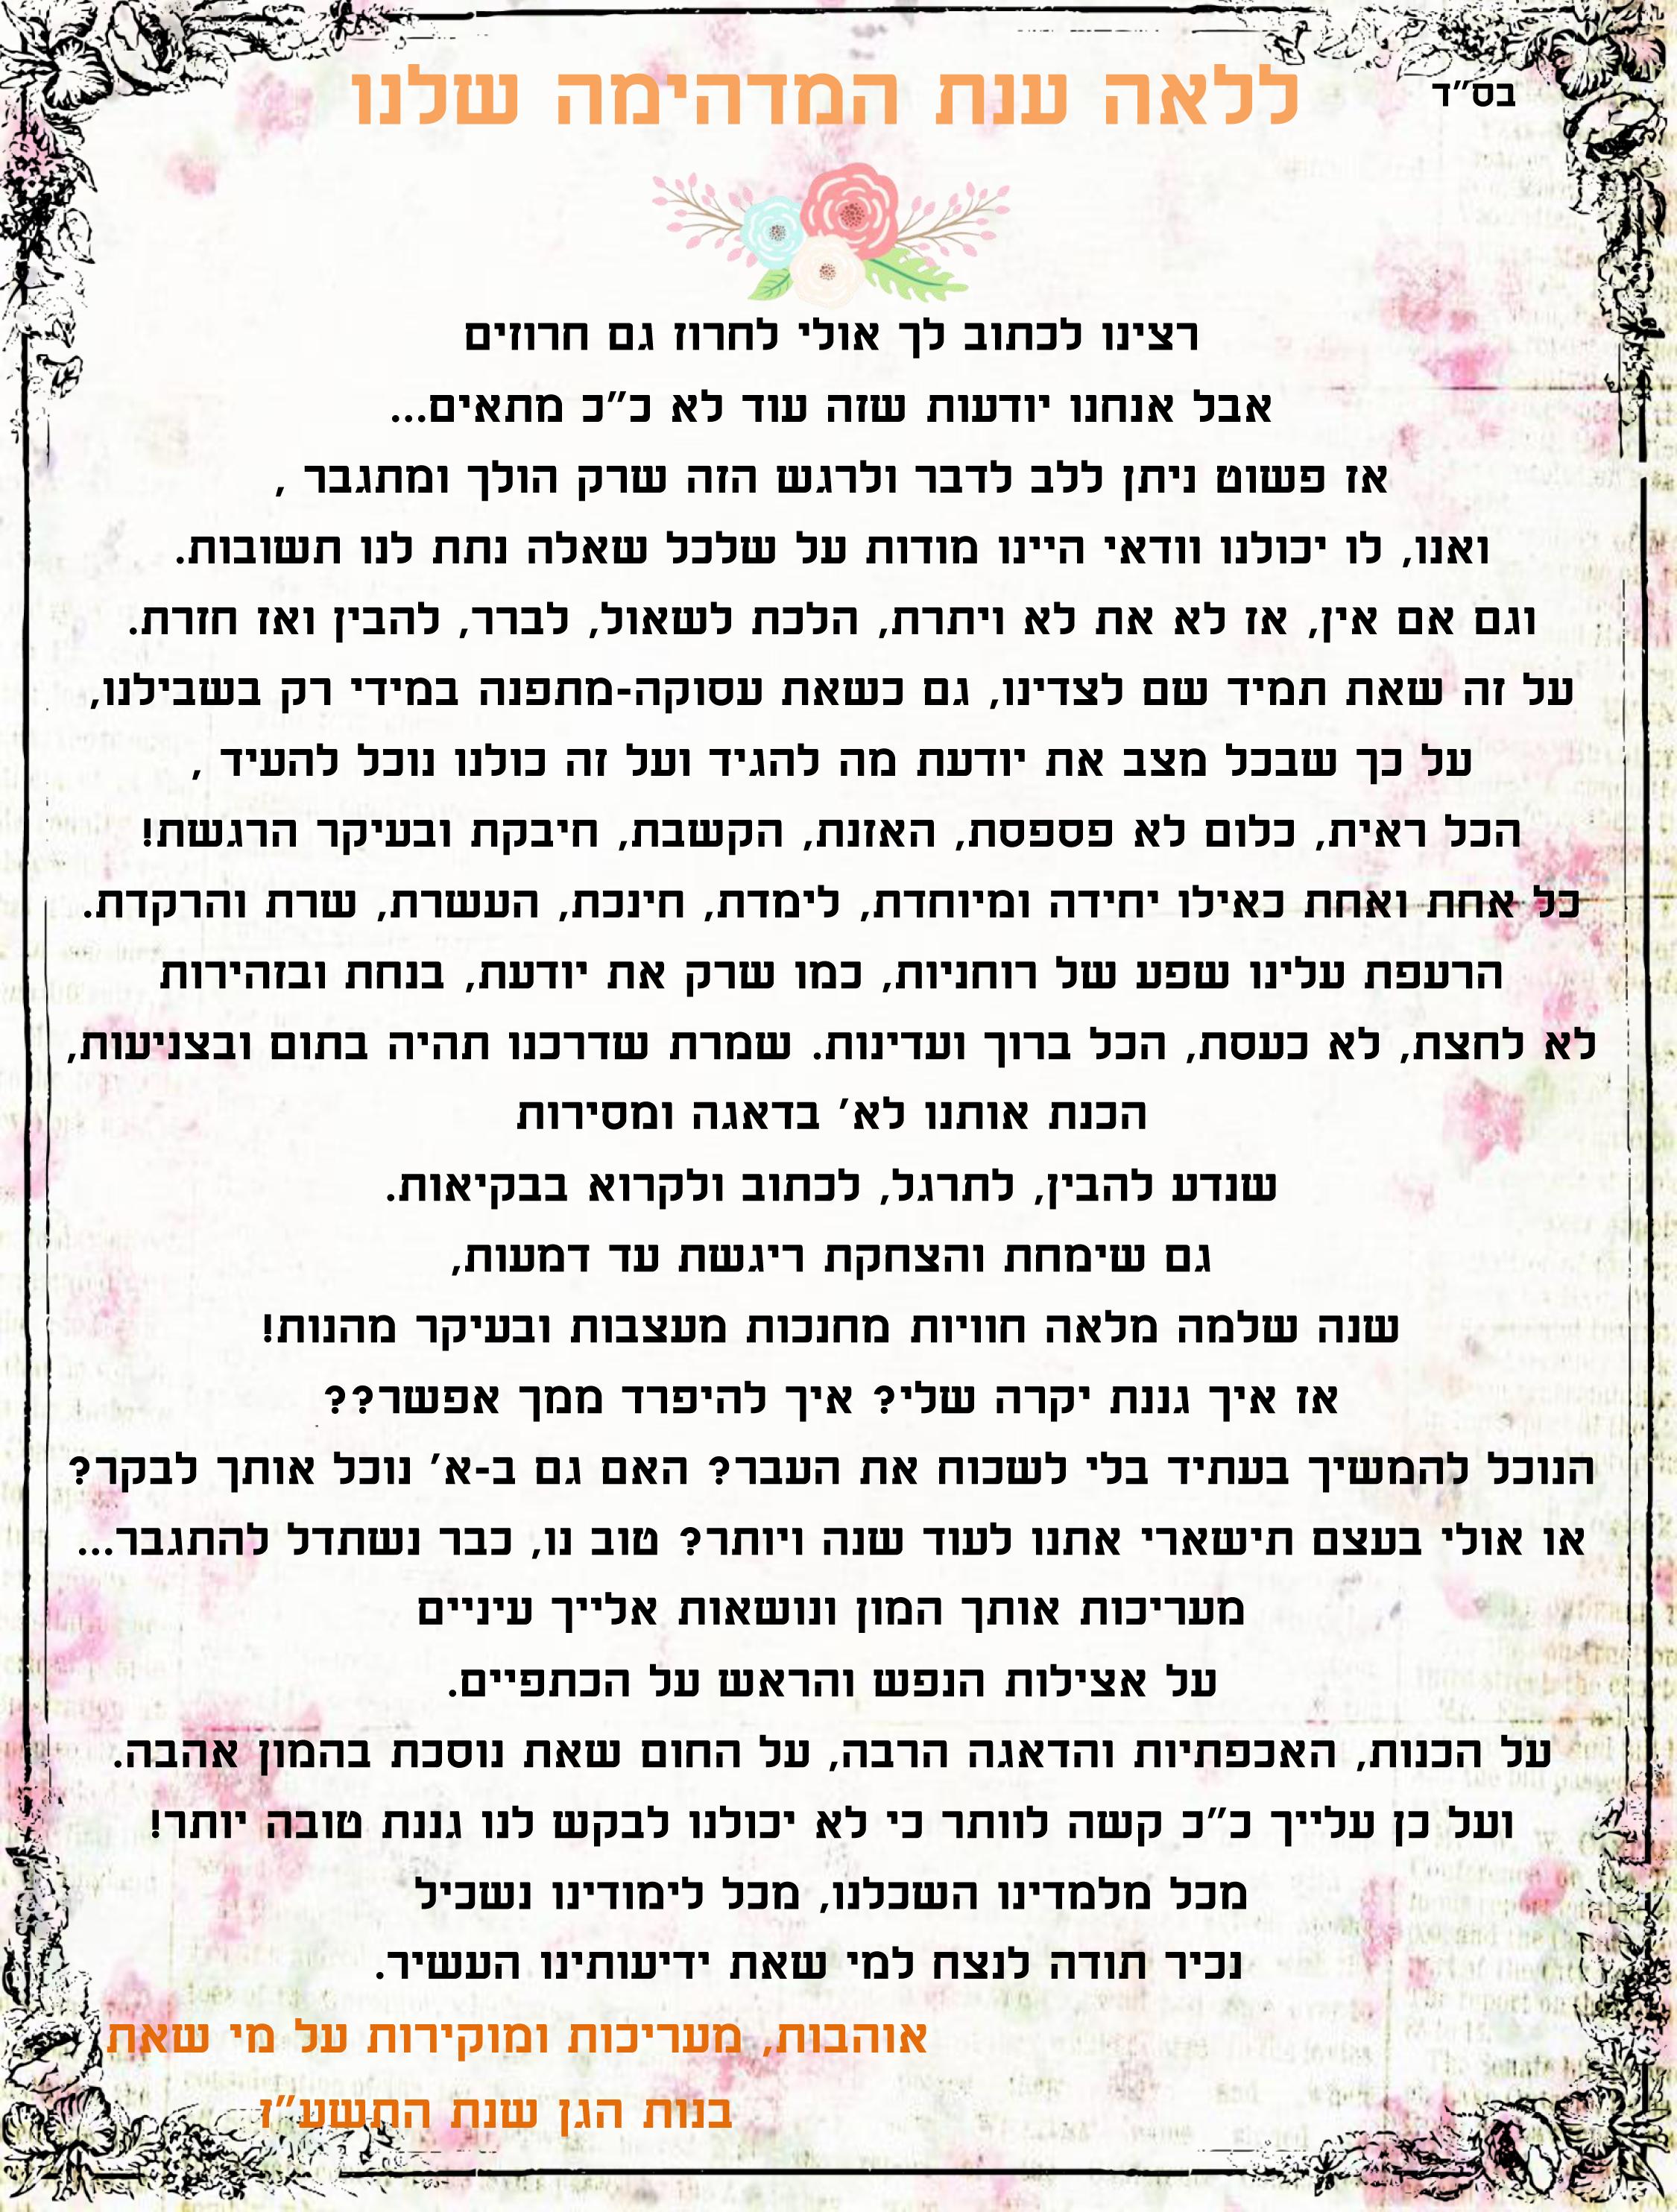 מכתב תודה גן יהודה הנשיא לאה-2